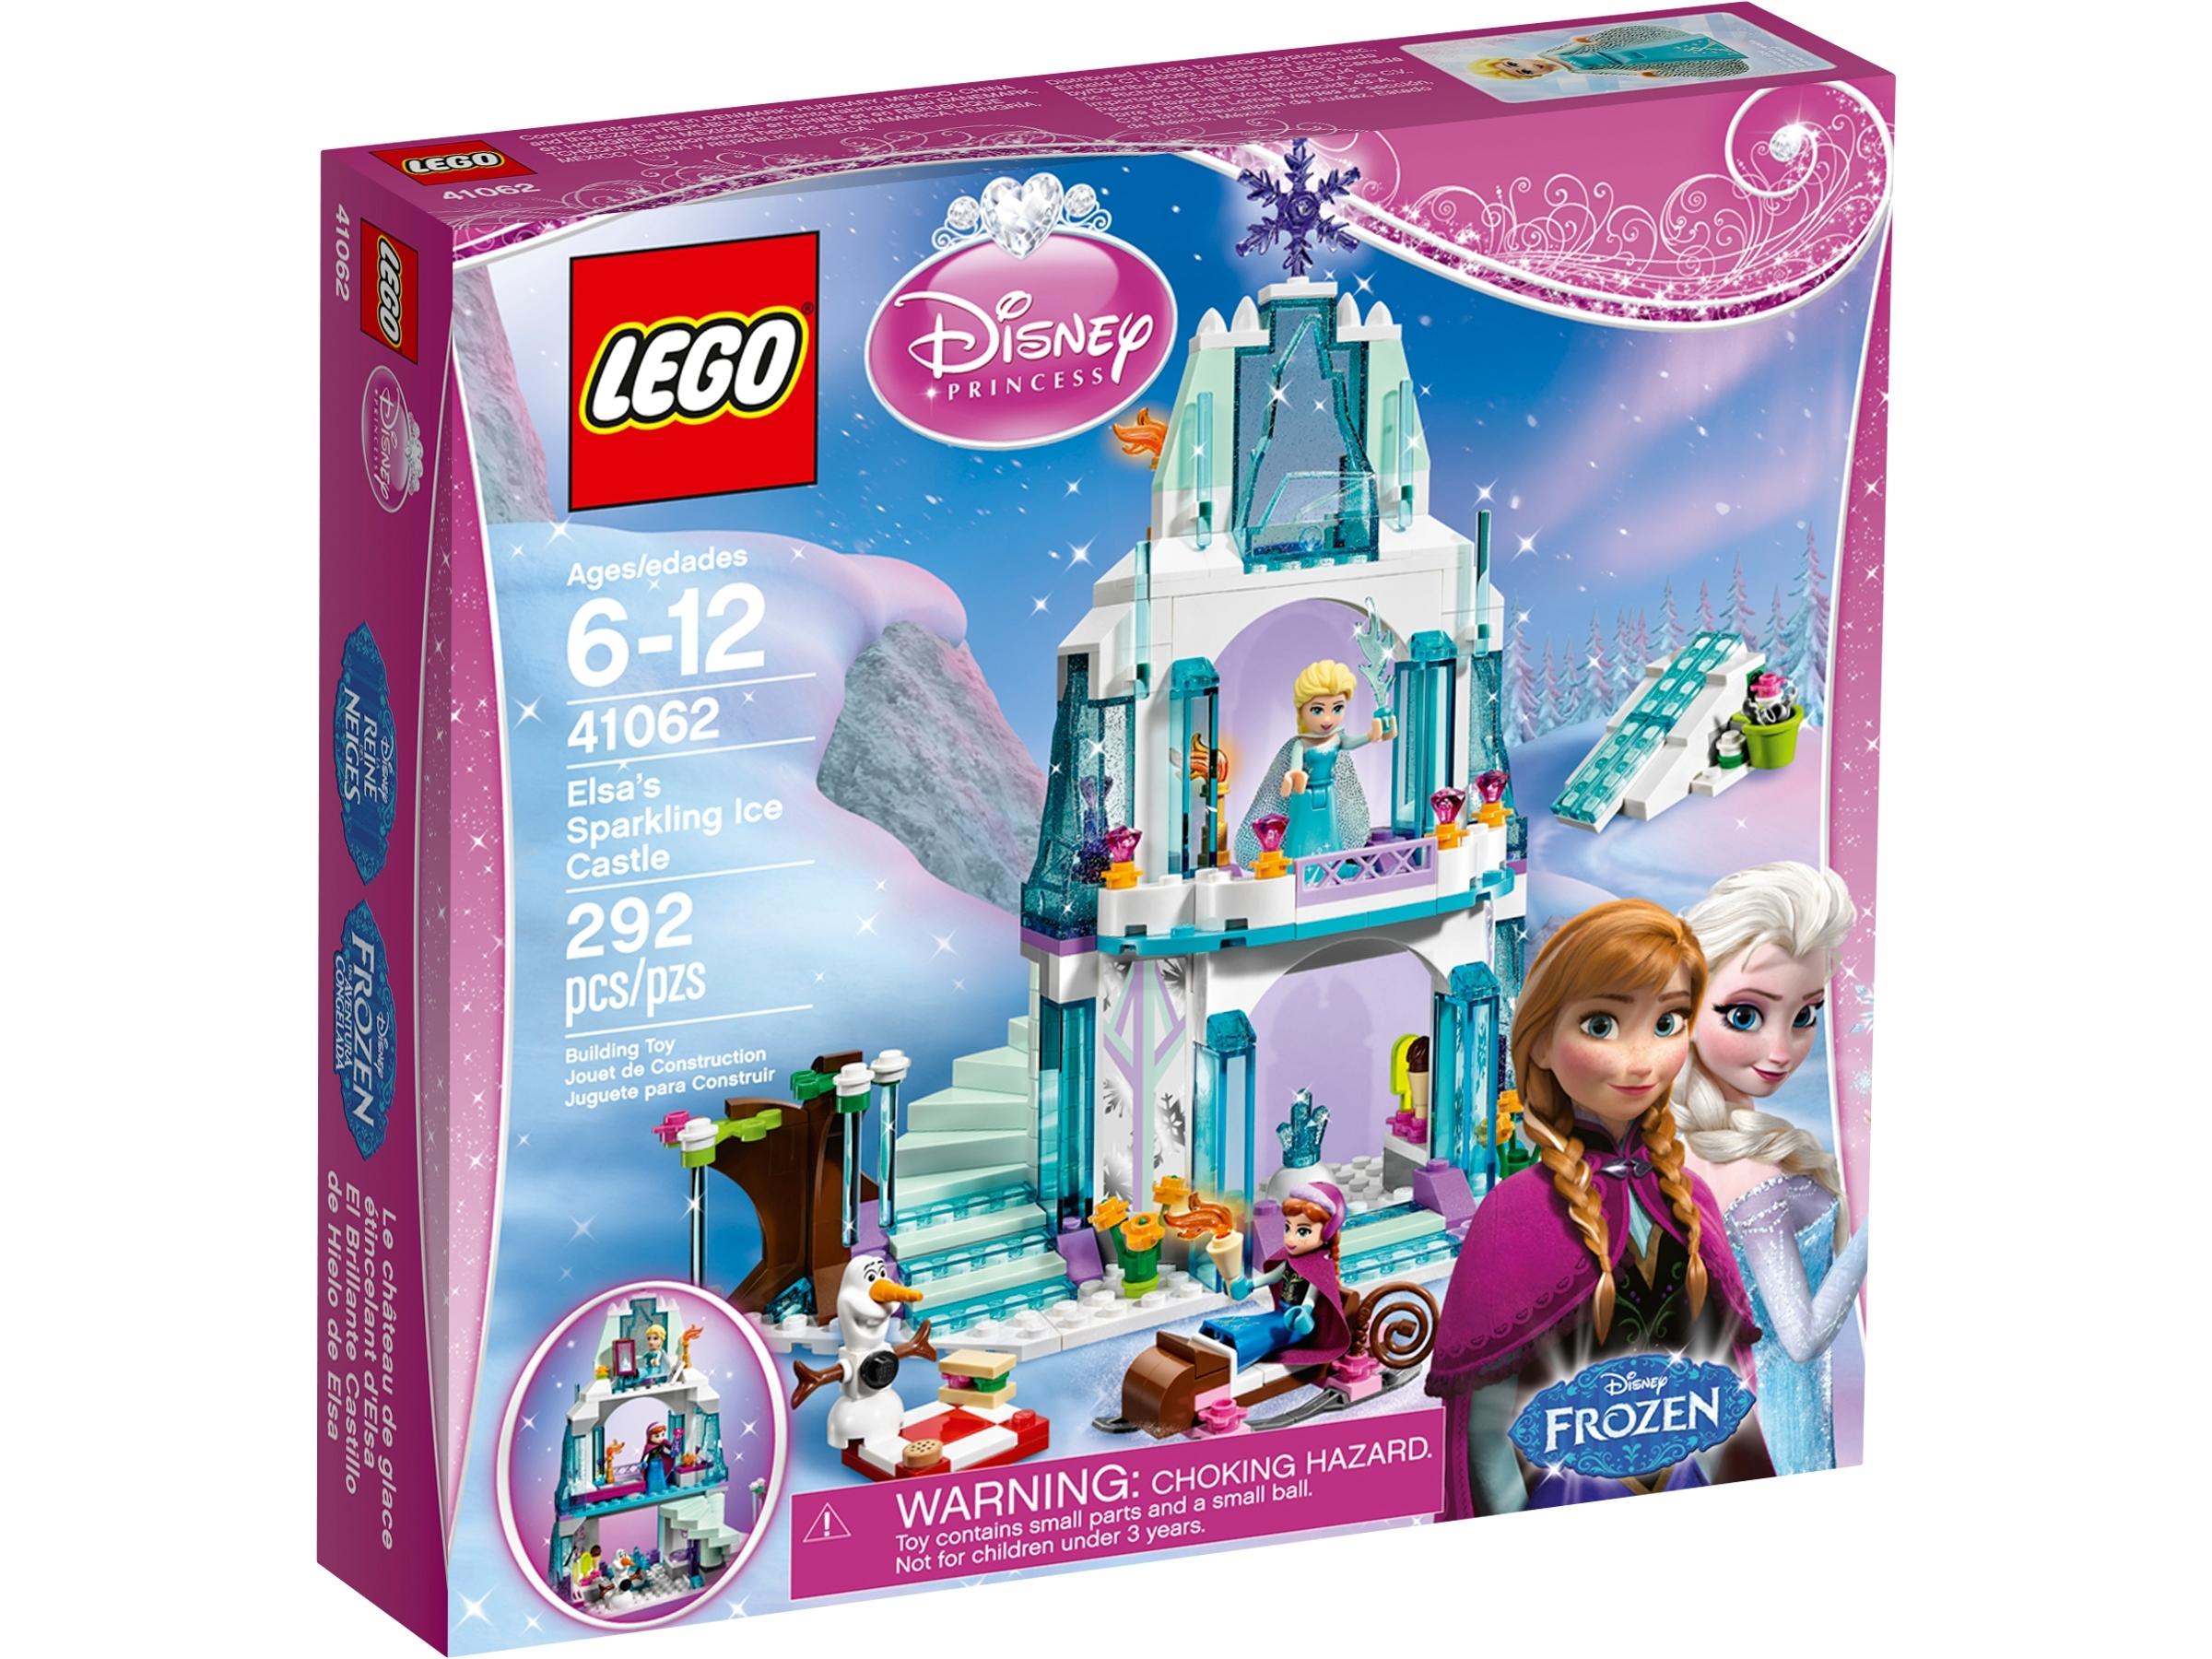 Lego Disney Princess Olaf Snowman KEYRING KEYCHAIN LEGO 41062 New and Genuine